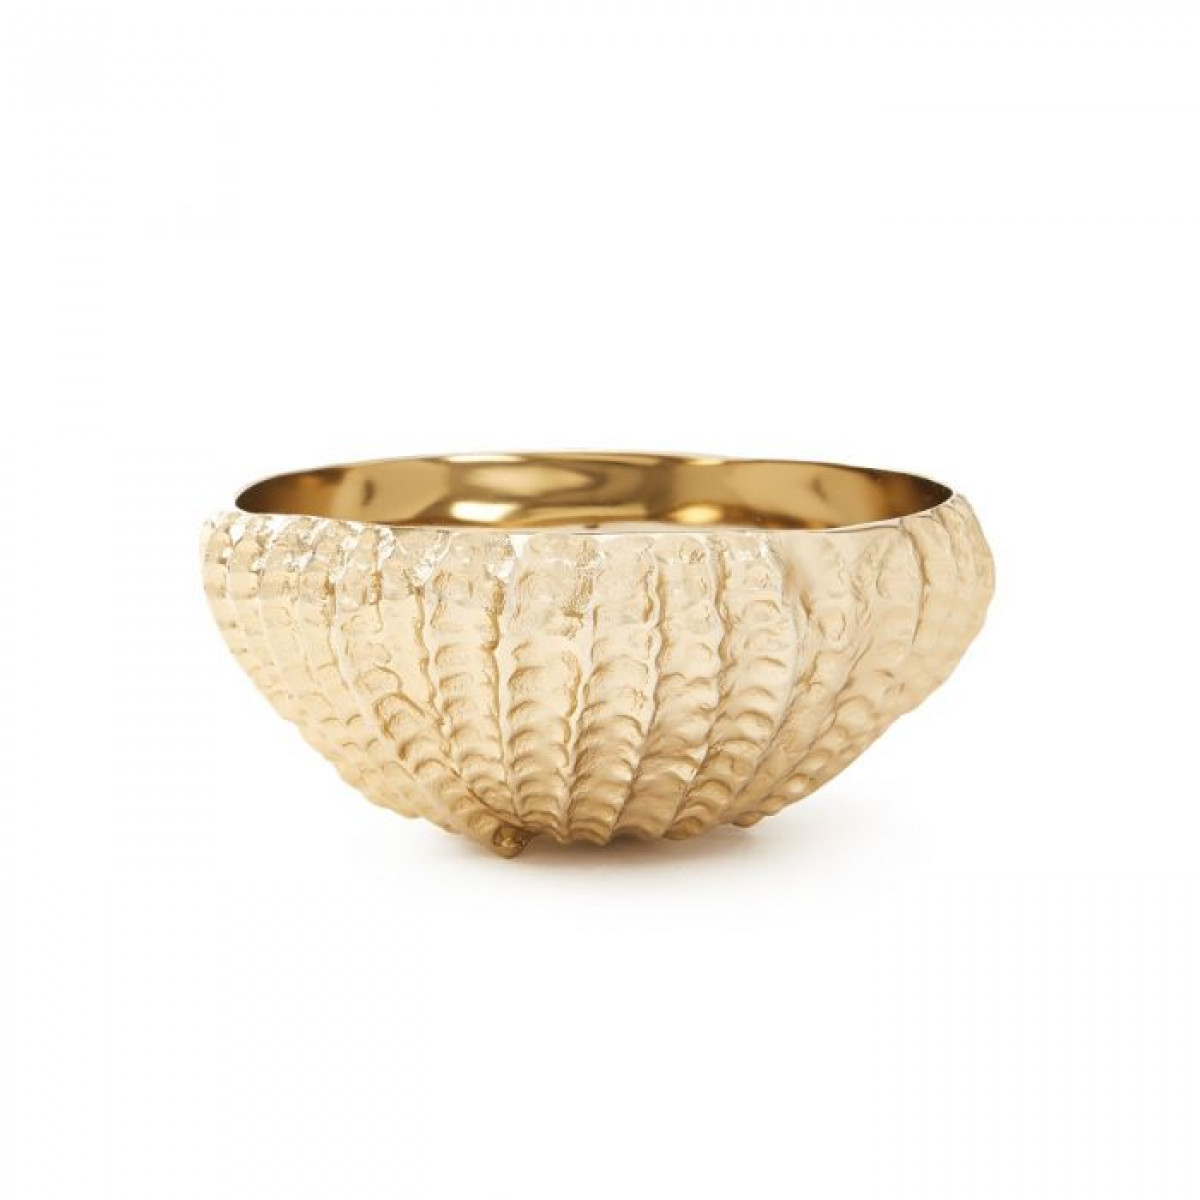 Palau Bowl, Brass Finish